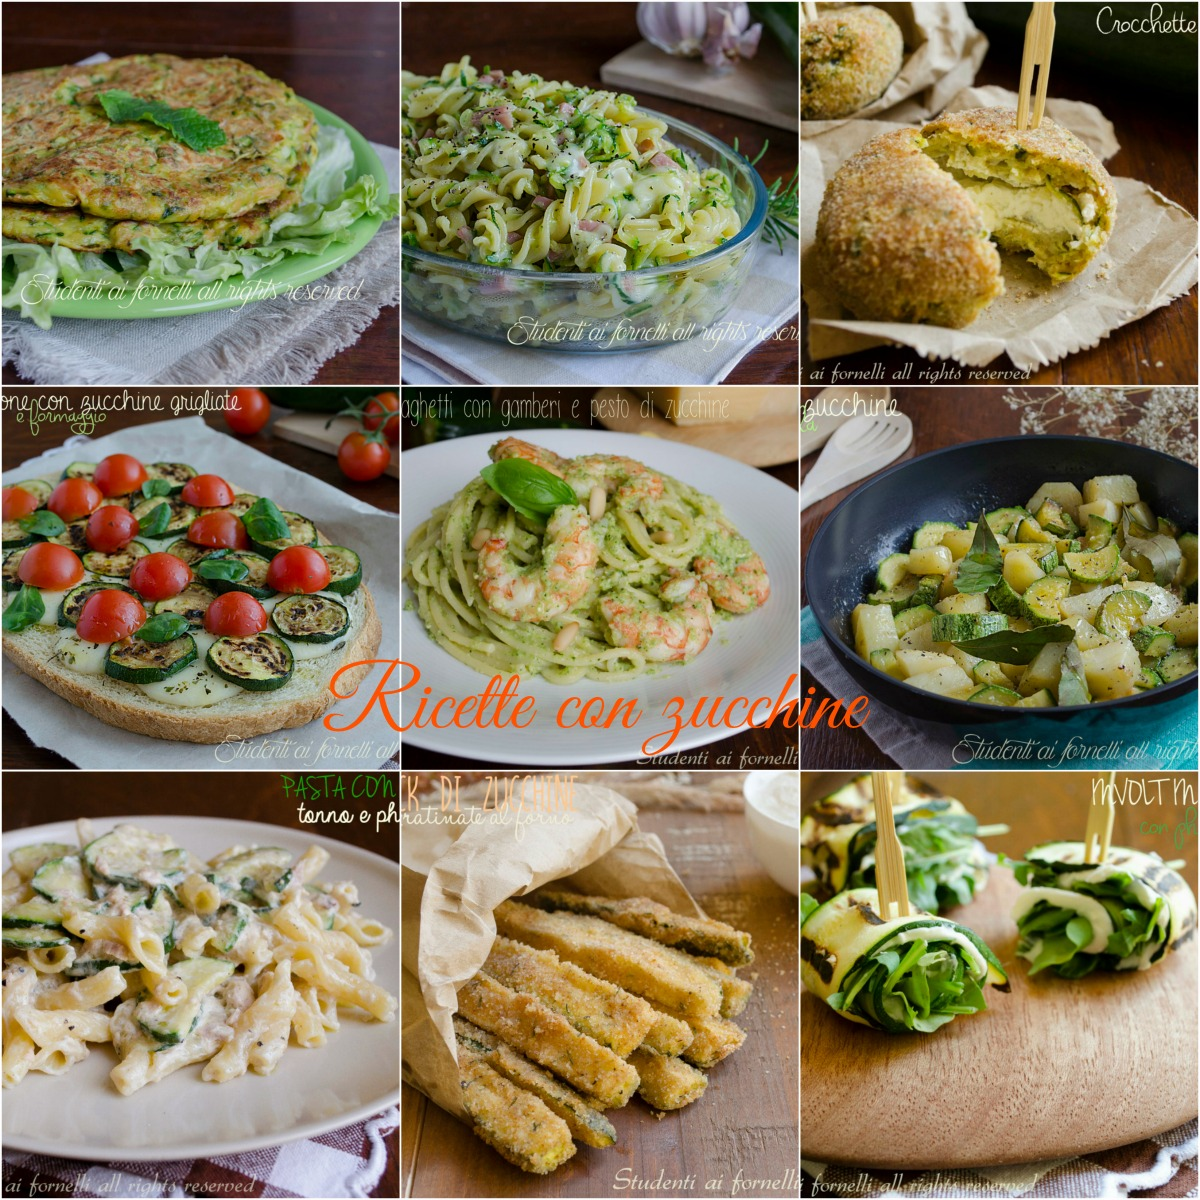 ricette con zucchine di stagione antipasti primi secondi piatti freddi contorno ricette vegetariane sfiziose veloci